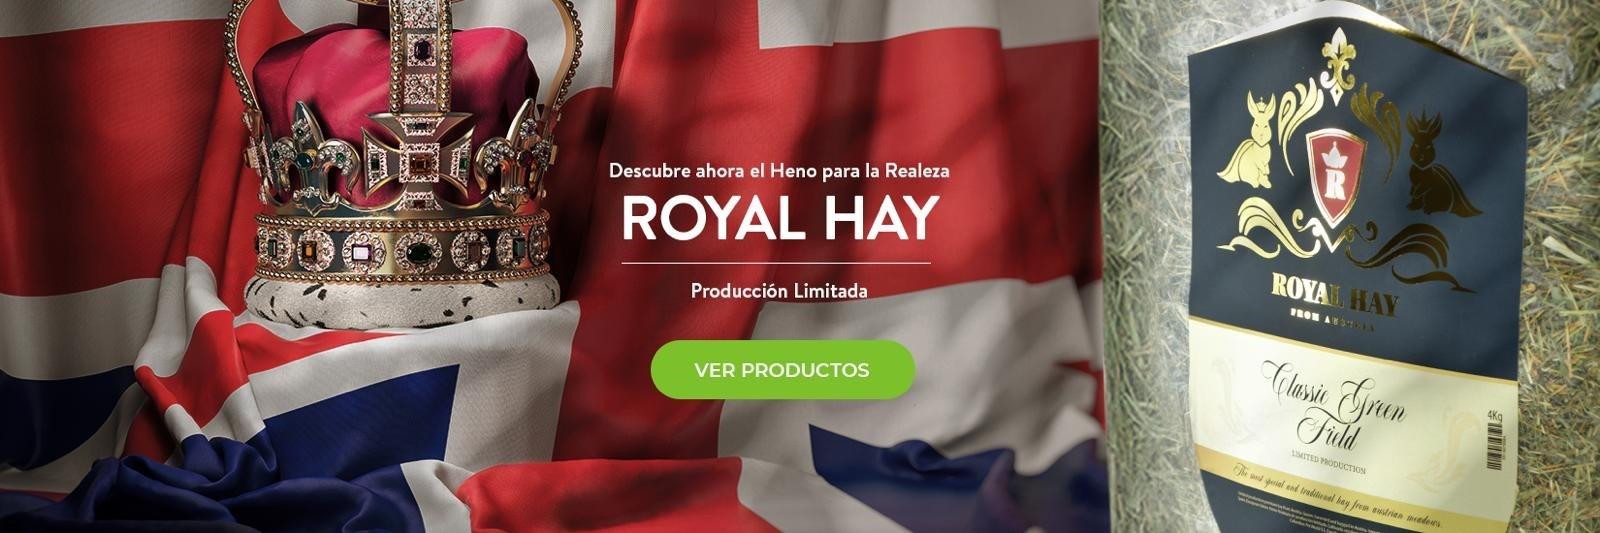 Lanzamiento Royal Hay